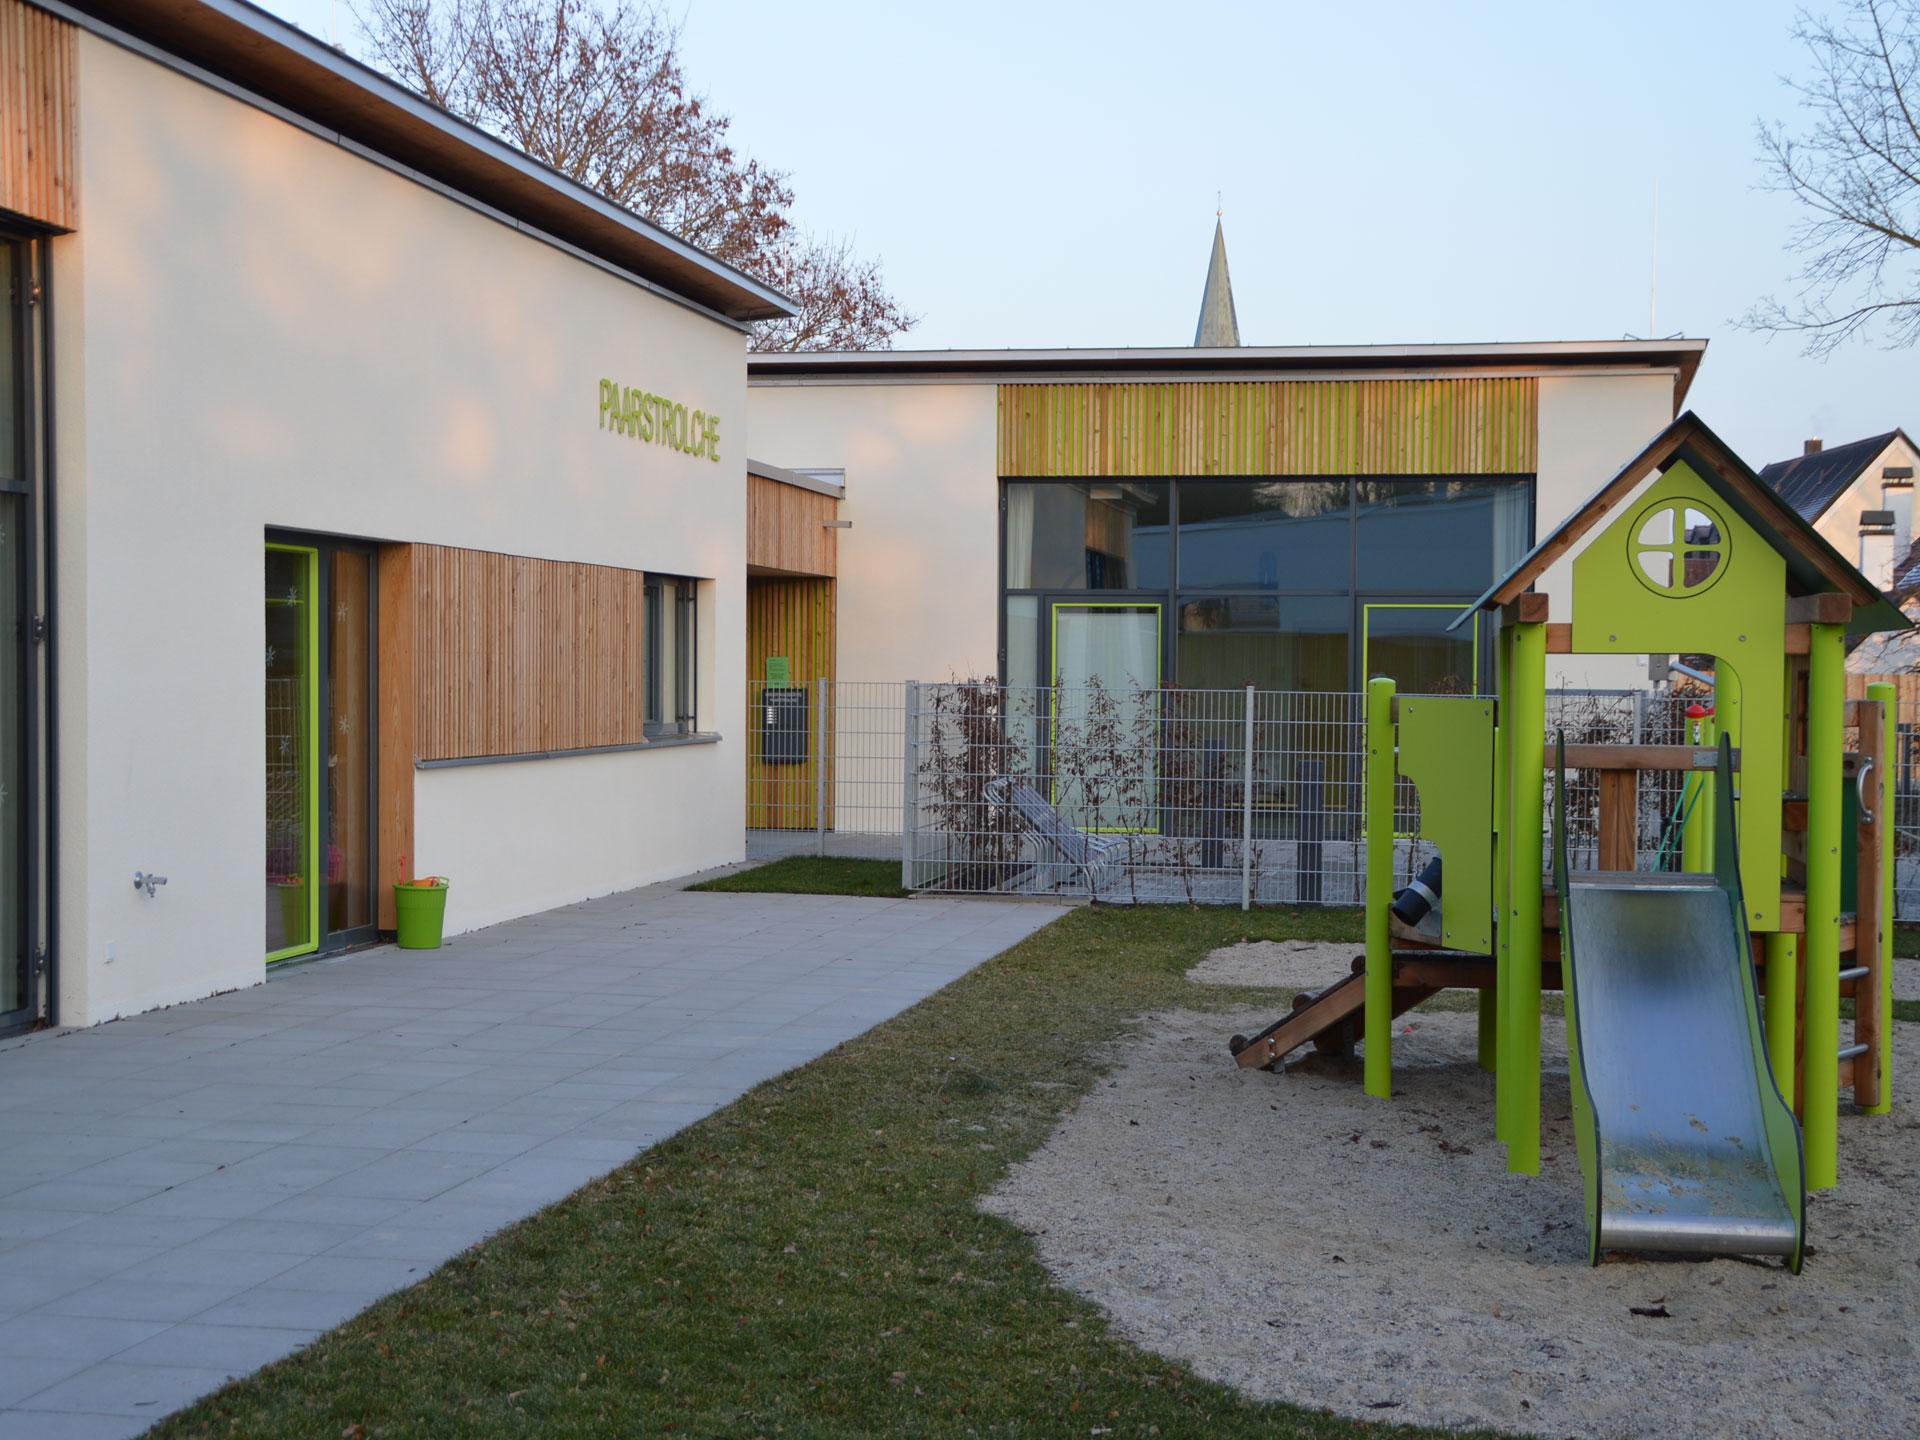 Grossansicht in neuem Fenster: Außenansicht Kindertagesstätte Paarstrolche 6